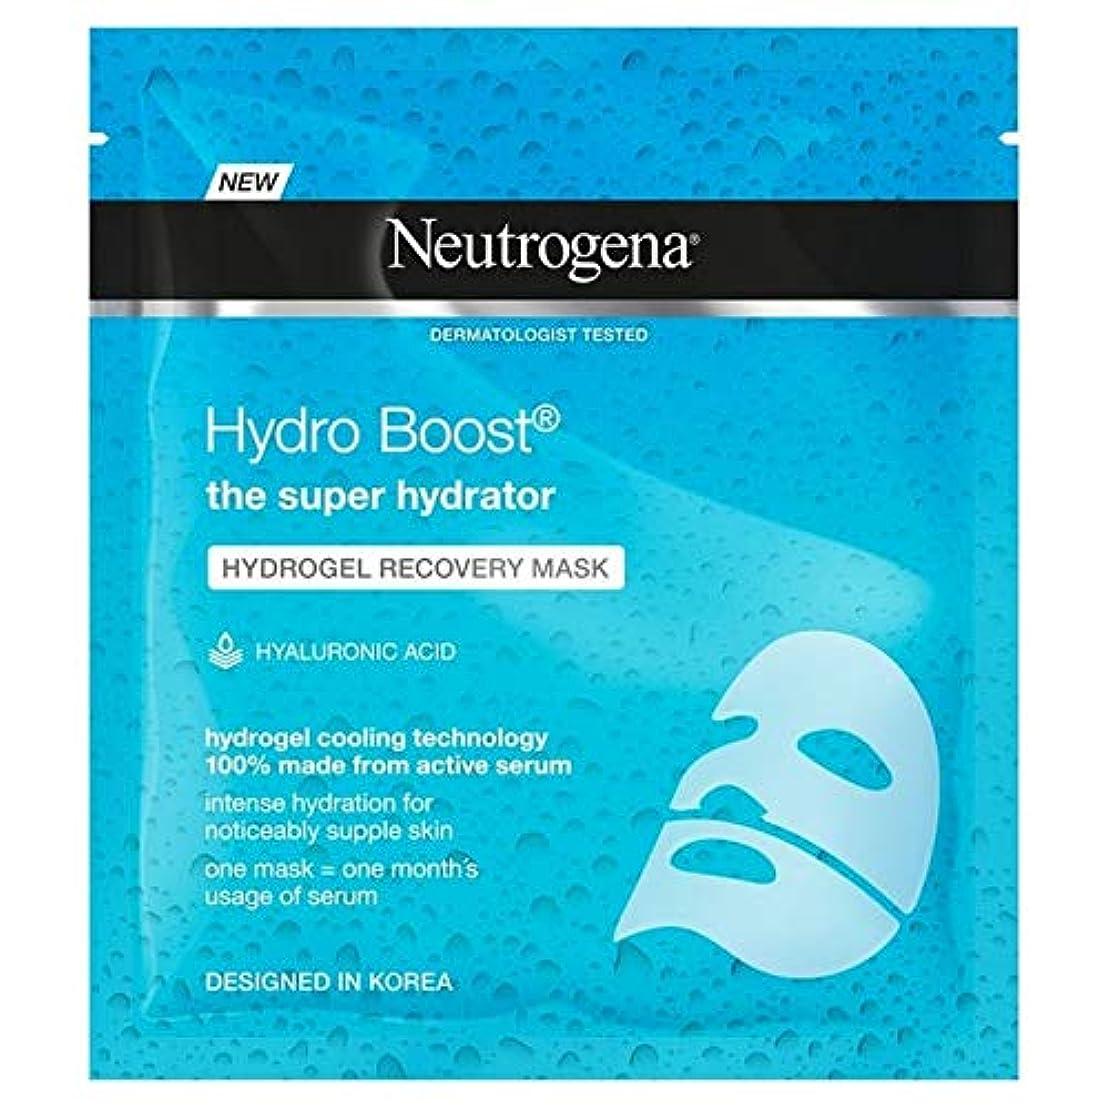 取り出すジョージスティーブンソン毎日[Neutrogena] ニュートロジーナ水力発電はハイドロゲルマスク30ミリリットルを後押し - Neutrogena Hydro Boost Hydrogel Mask 30ml [並行輸入品]